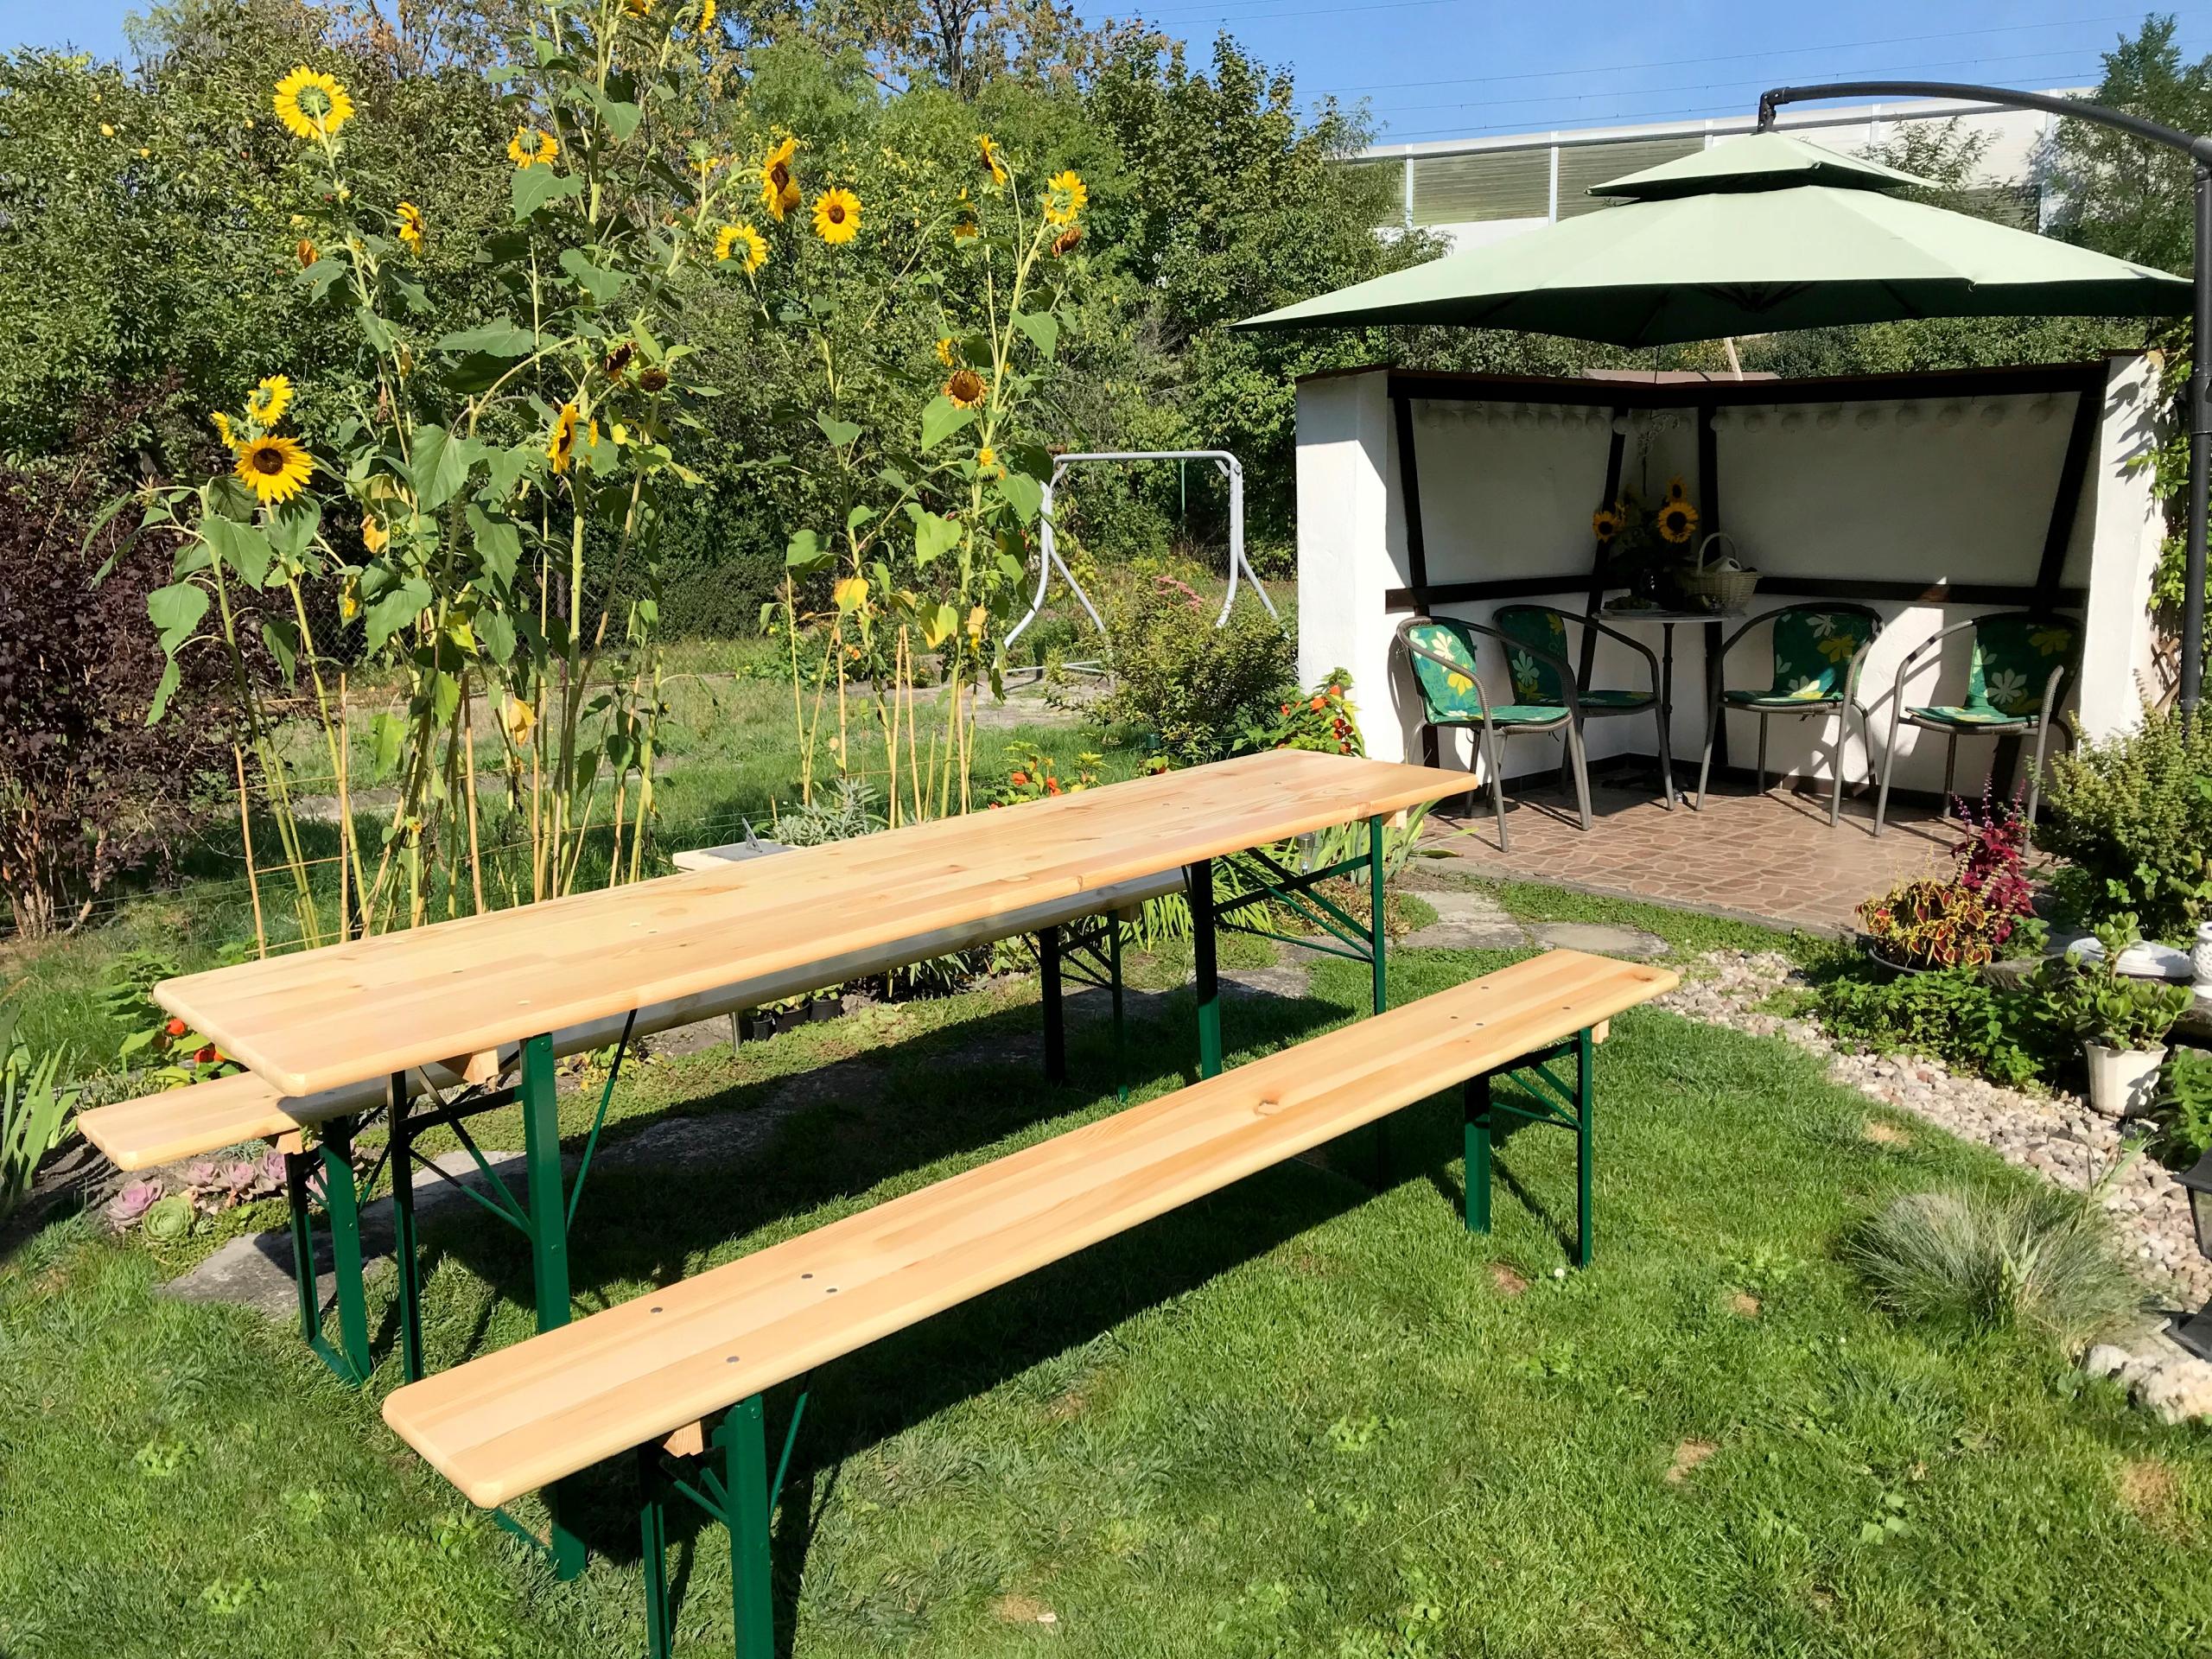 banketová súprava pivná súprava 80 cm stôl + 2 lavice Hmotnosť produktu s individuálnym balením 70 kg